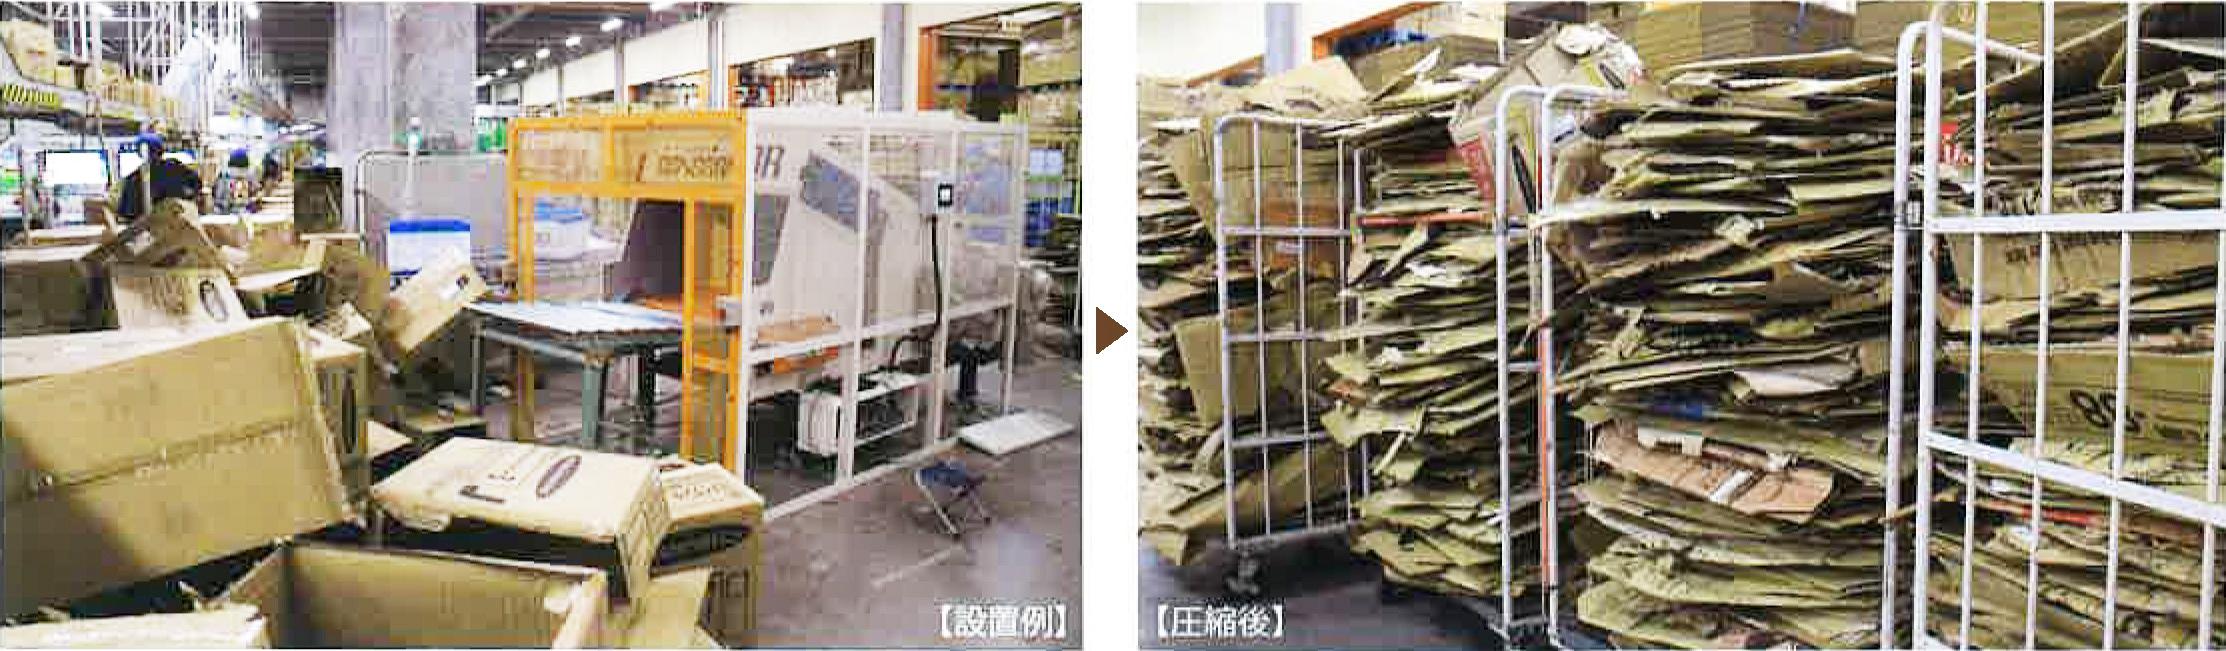 作業効率や保管効率がアップ